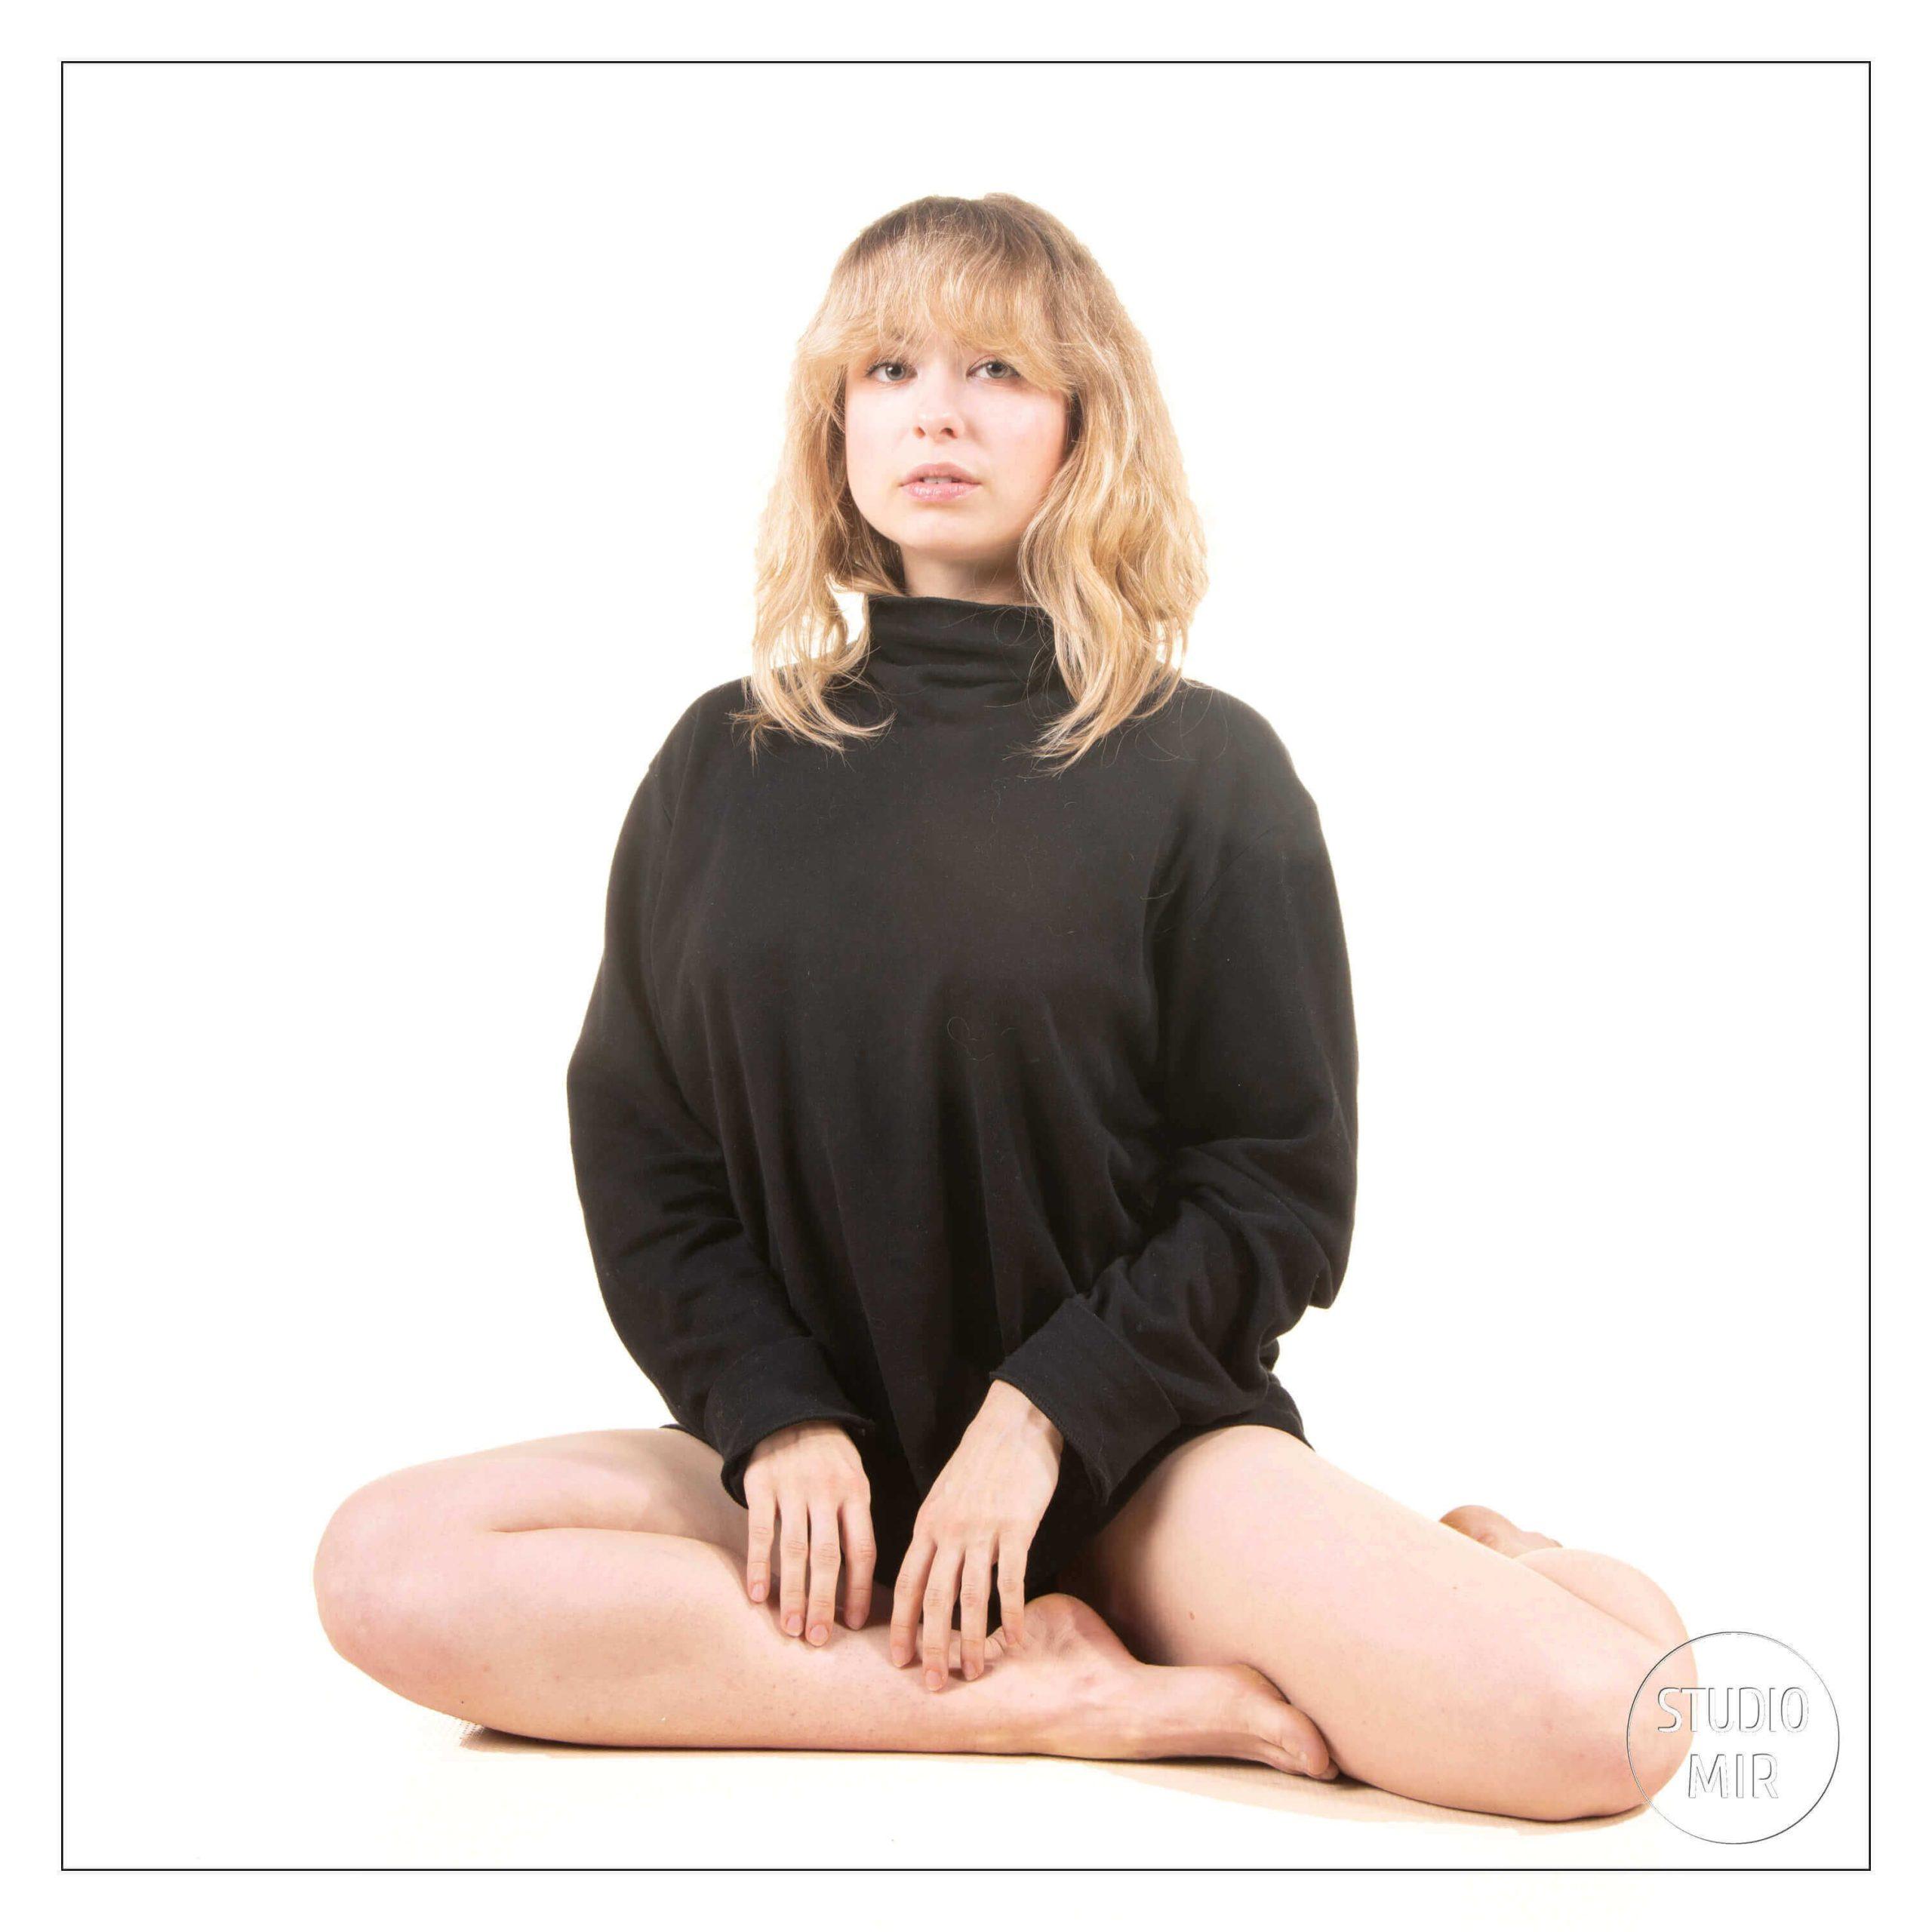 Idee-cadeau-pour-votre-mari-une-seance-photo-Boudoir-en-studio-val-de-marne.jpg